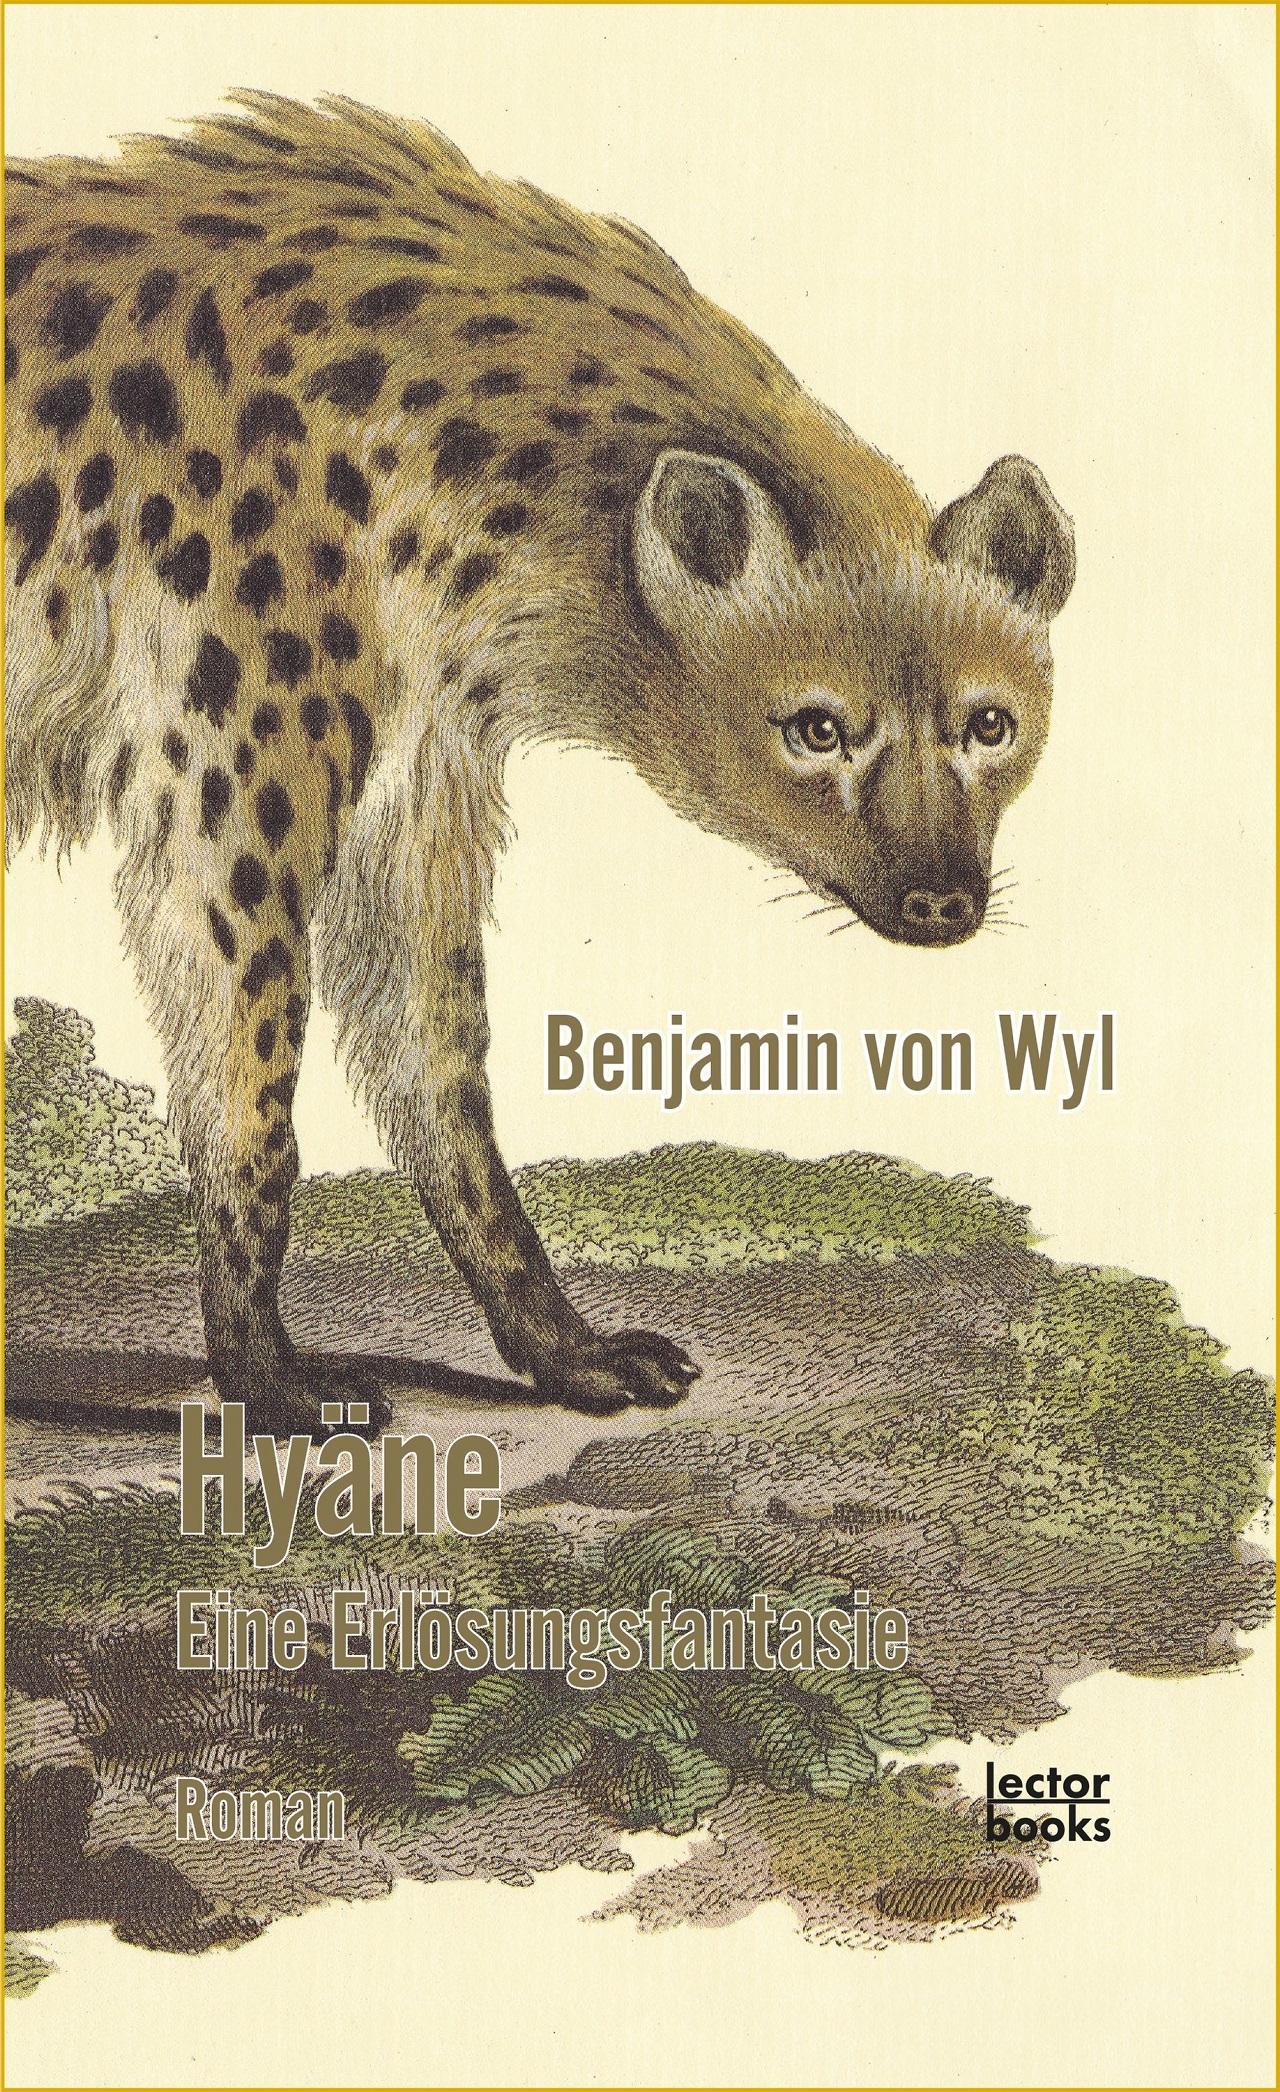 """Der Roman """"Hyäne von Benjamin von Wyl ist eine Erlösungsfantasie"""